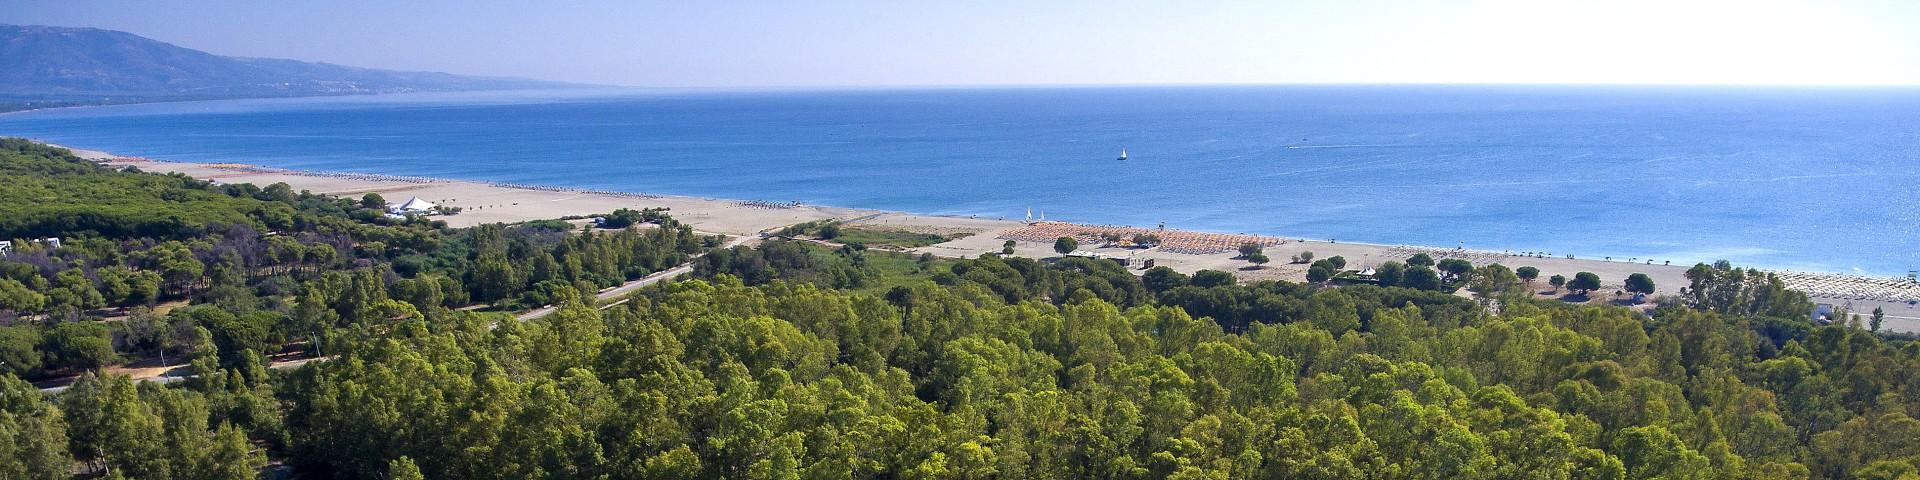 Marina di Sibari, celkový pohled na široký záliv